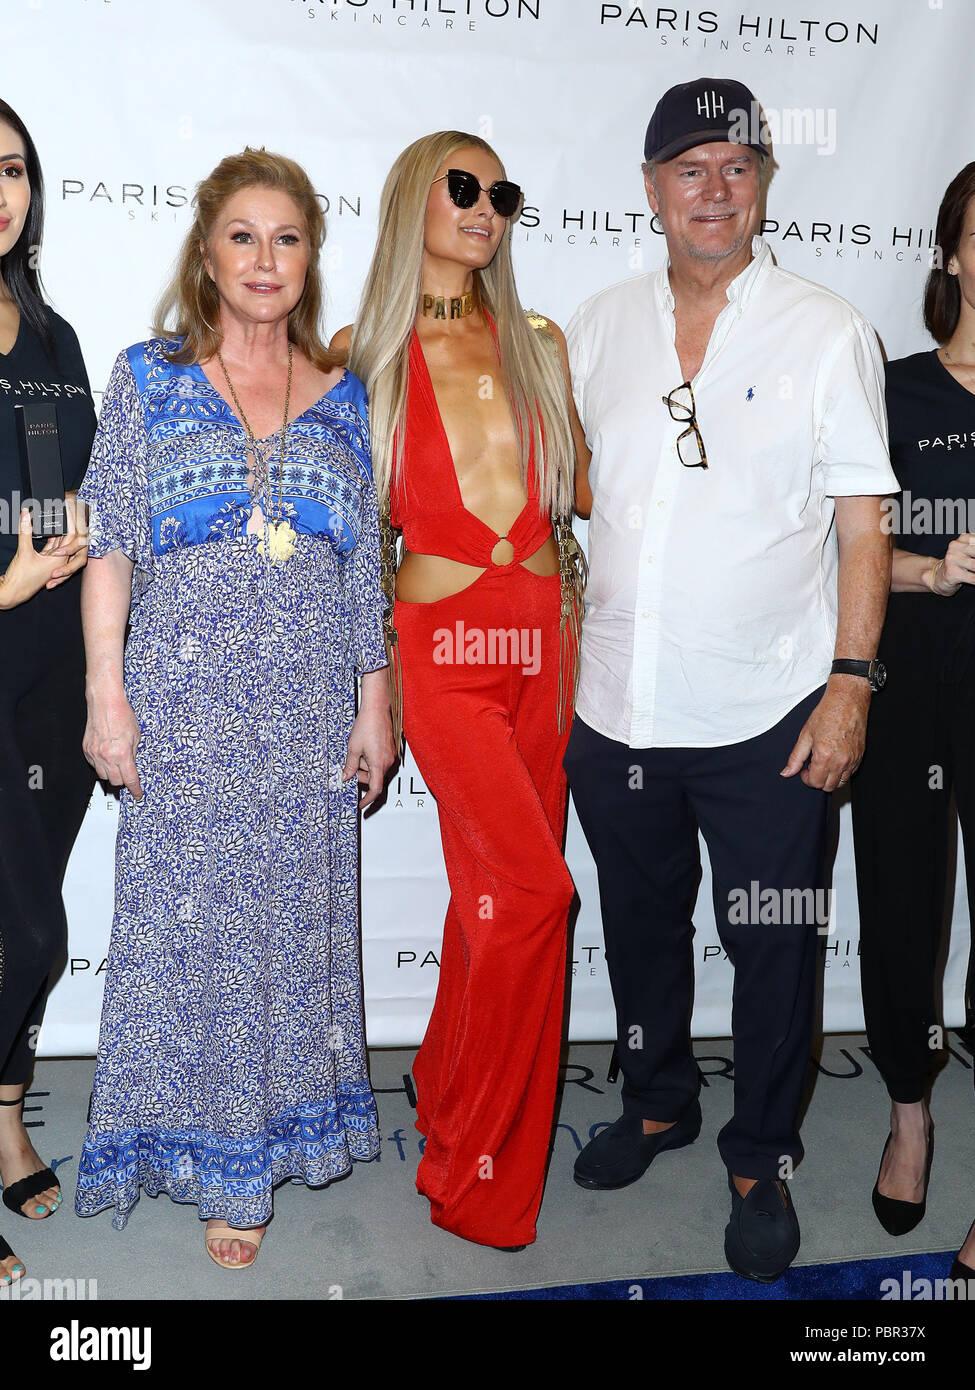 Paris Hilton And Rick Hilton Stock Photos & Paris Hilton And Rick ...